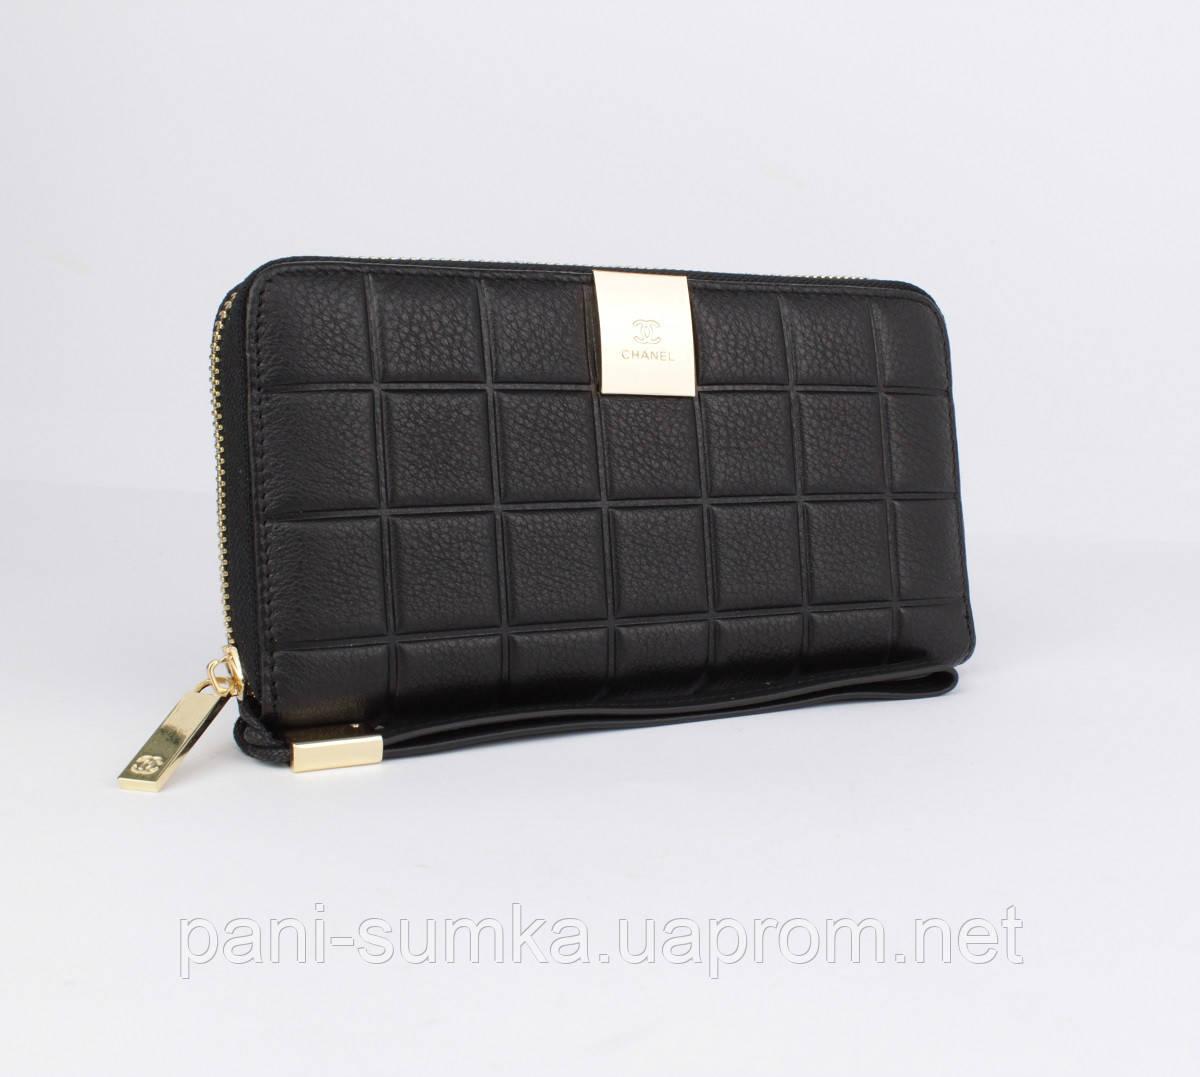 285fef844c4c Кошелек женский кожаный на молнии 60019-1 черный, расцветки: продажа ...